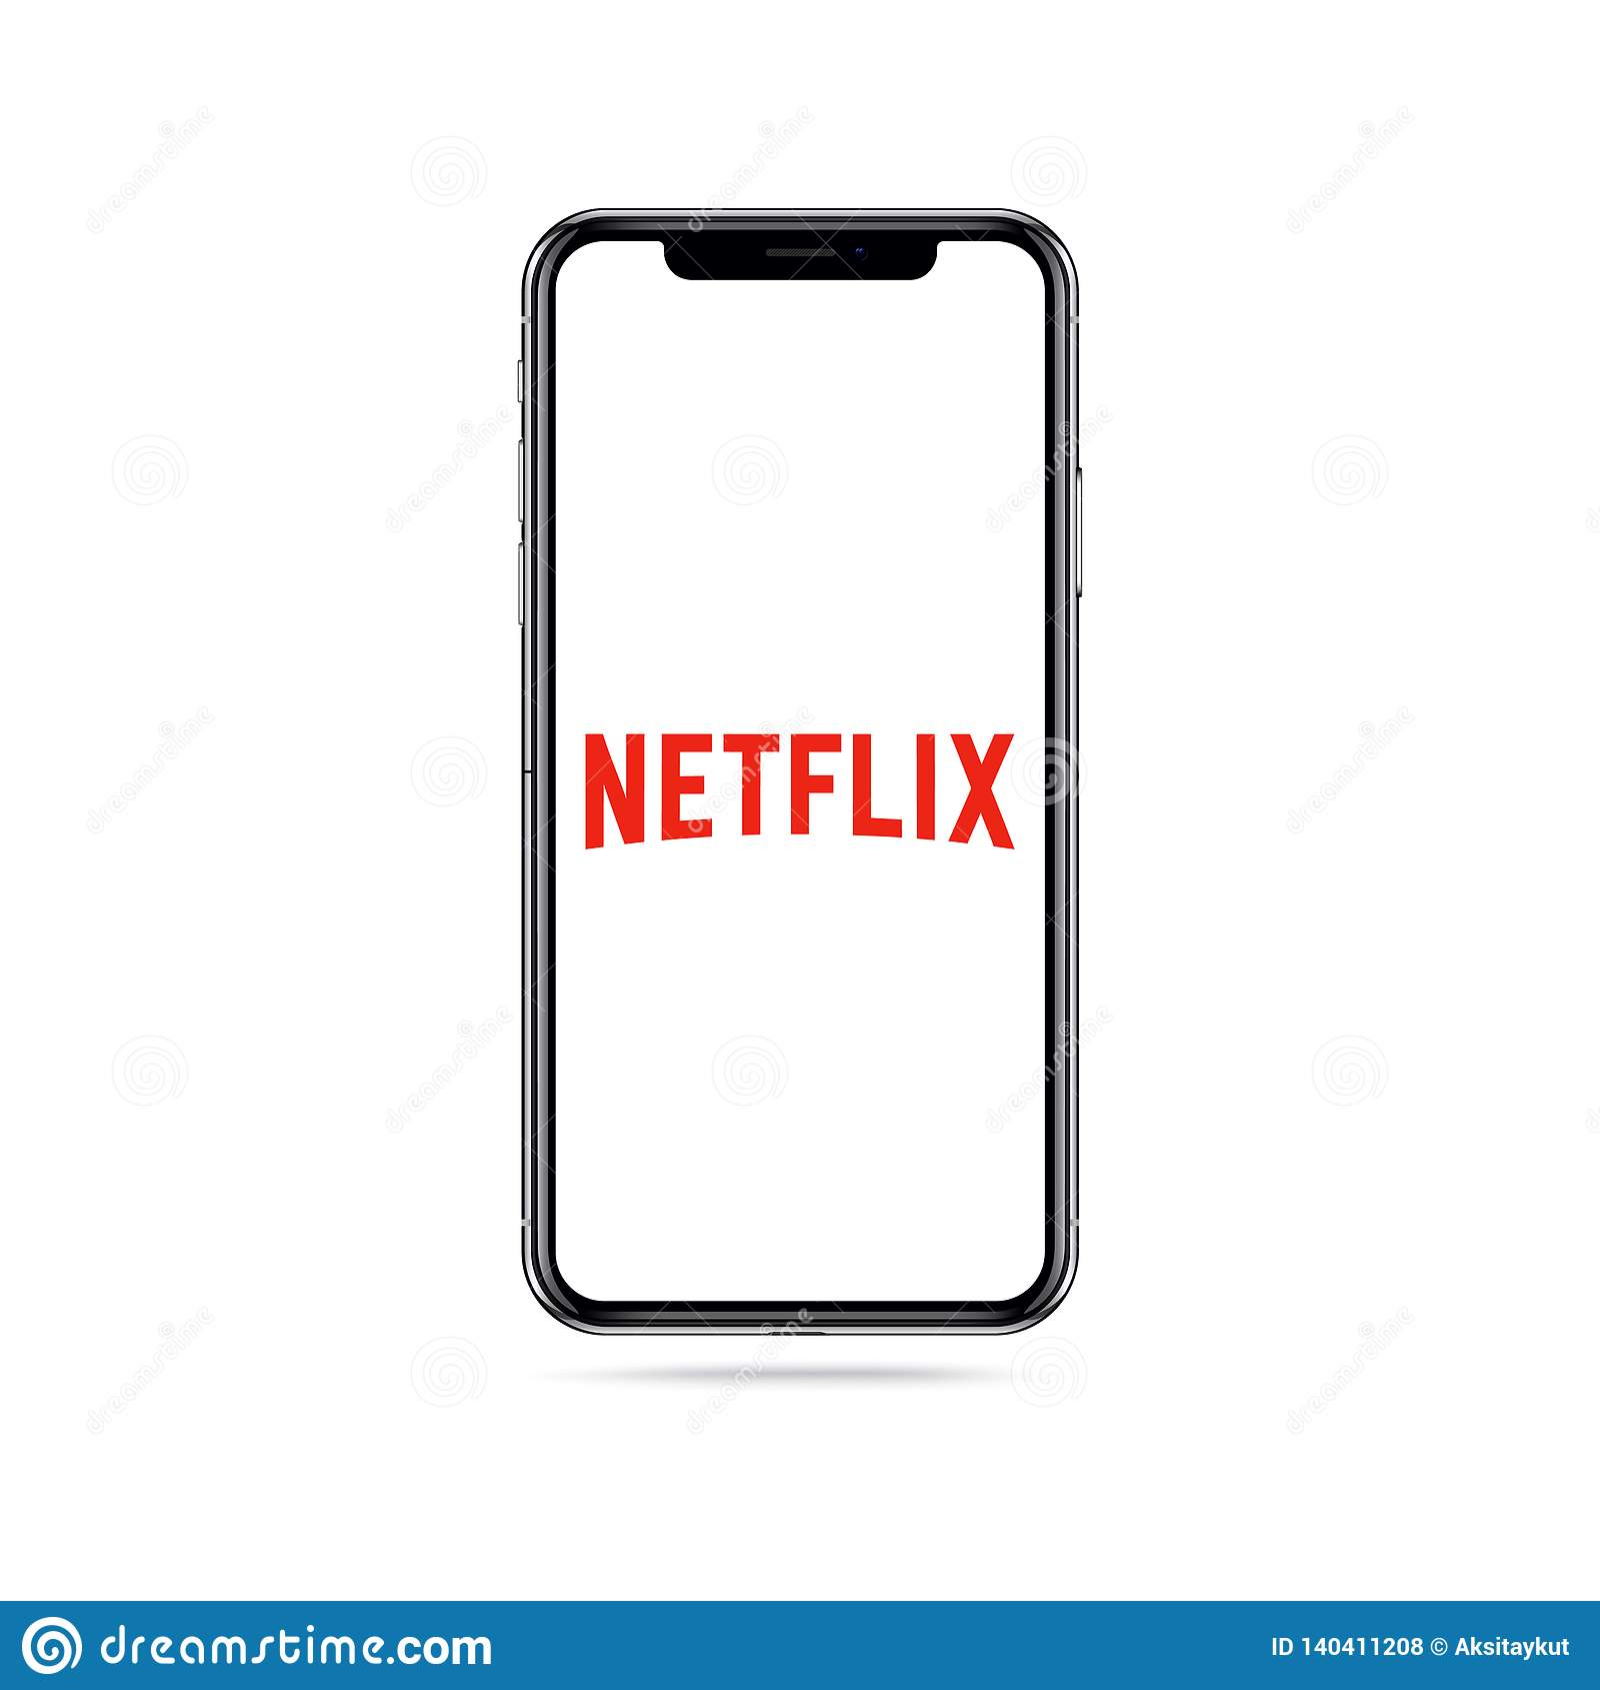 Netflixapp embleempictogram op het iphonescherm